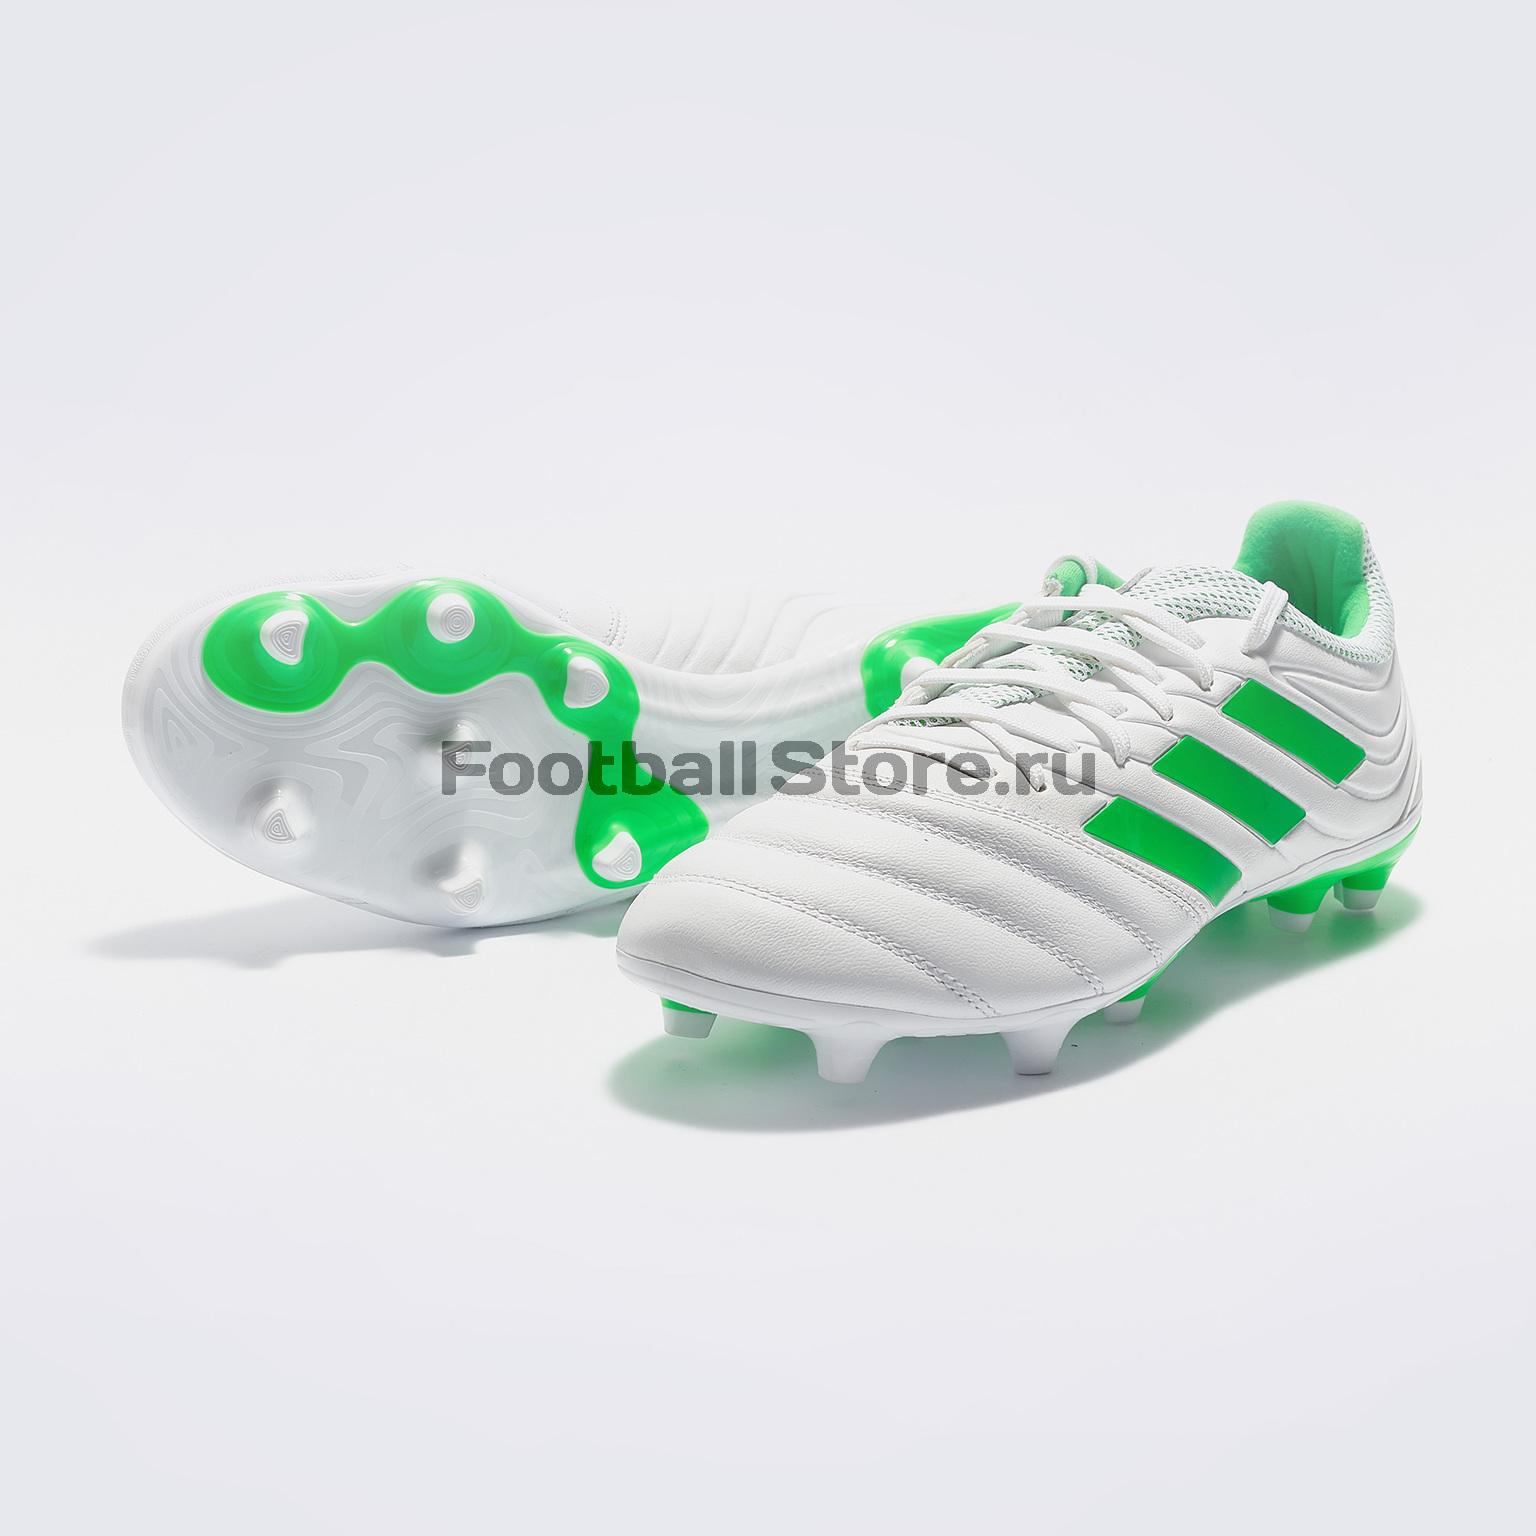 3d061a3c Бутсы Adidas Copa 19.3 FG BB9188 – купить бутсы в интернет магазине ...